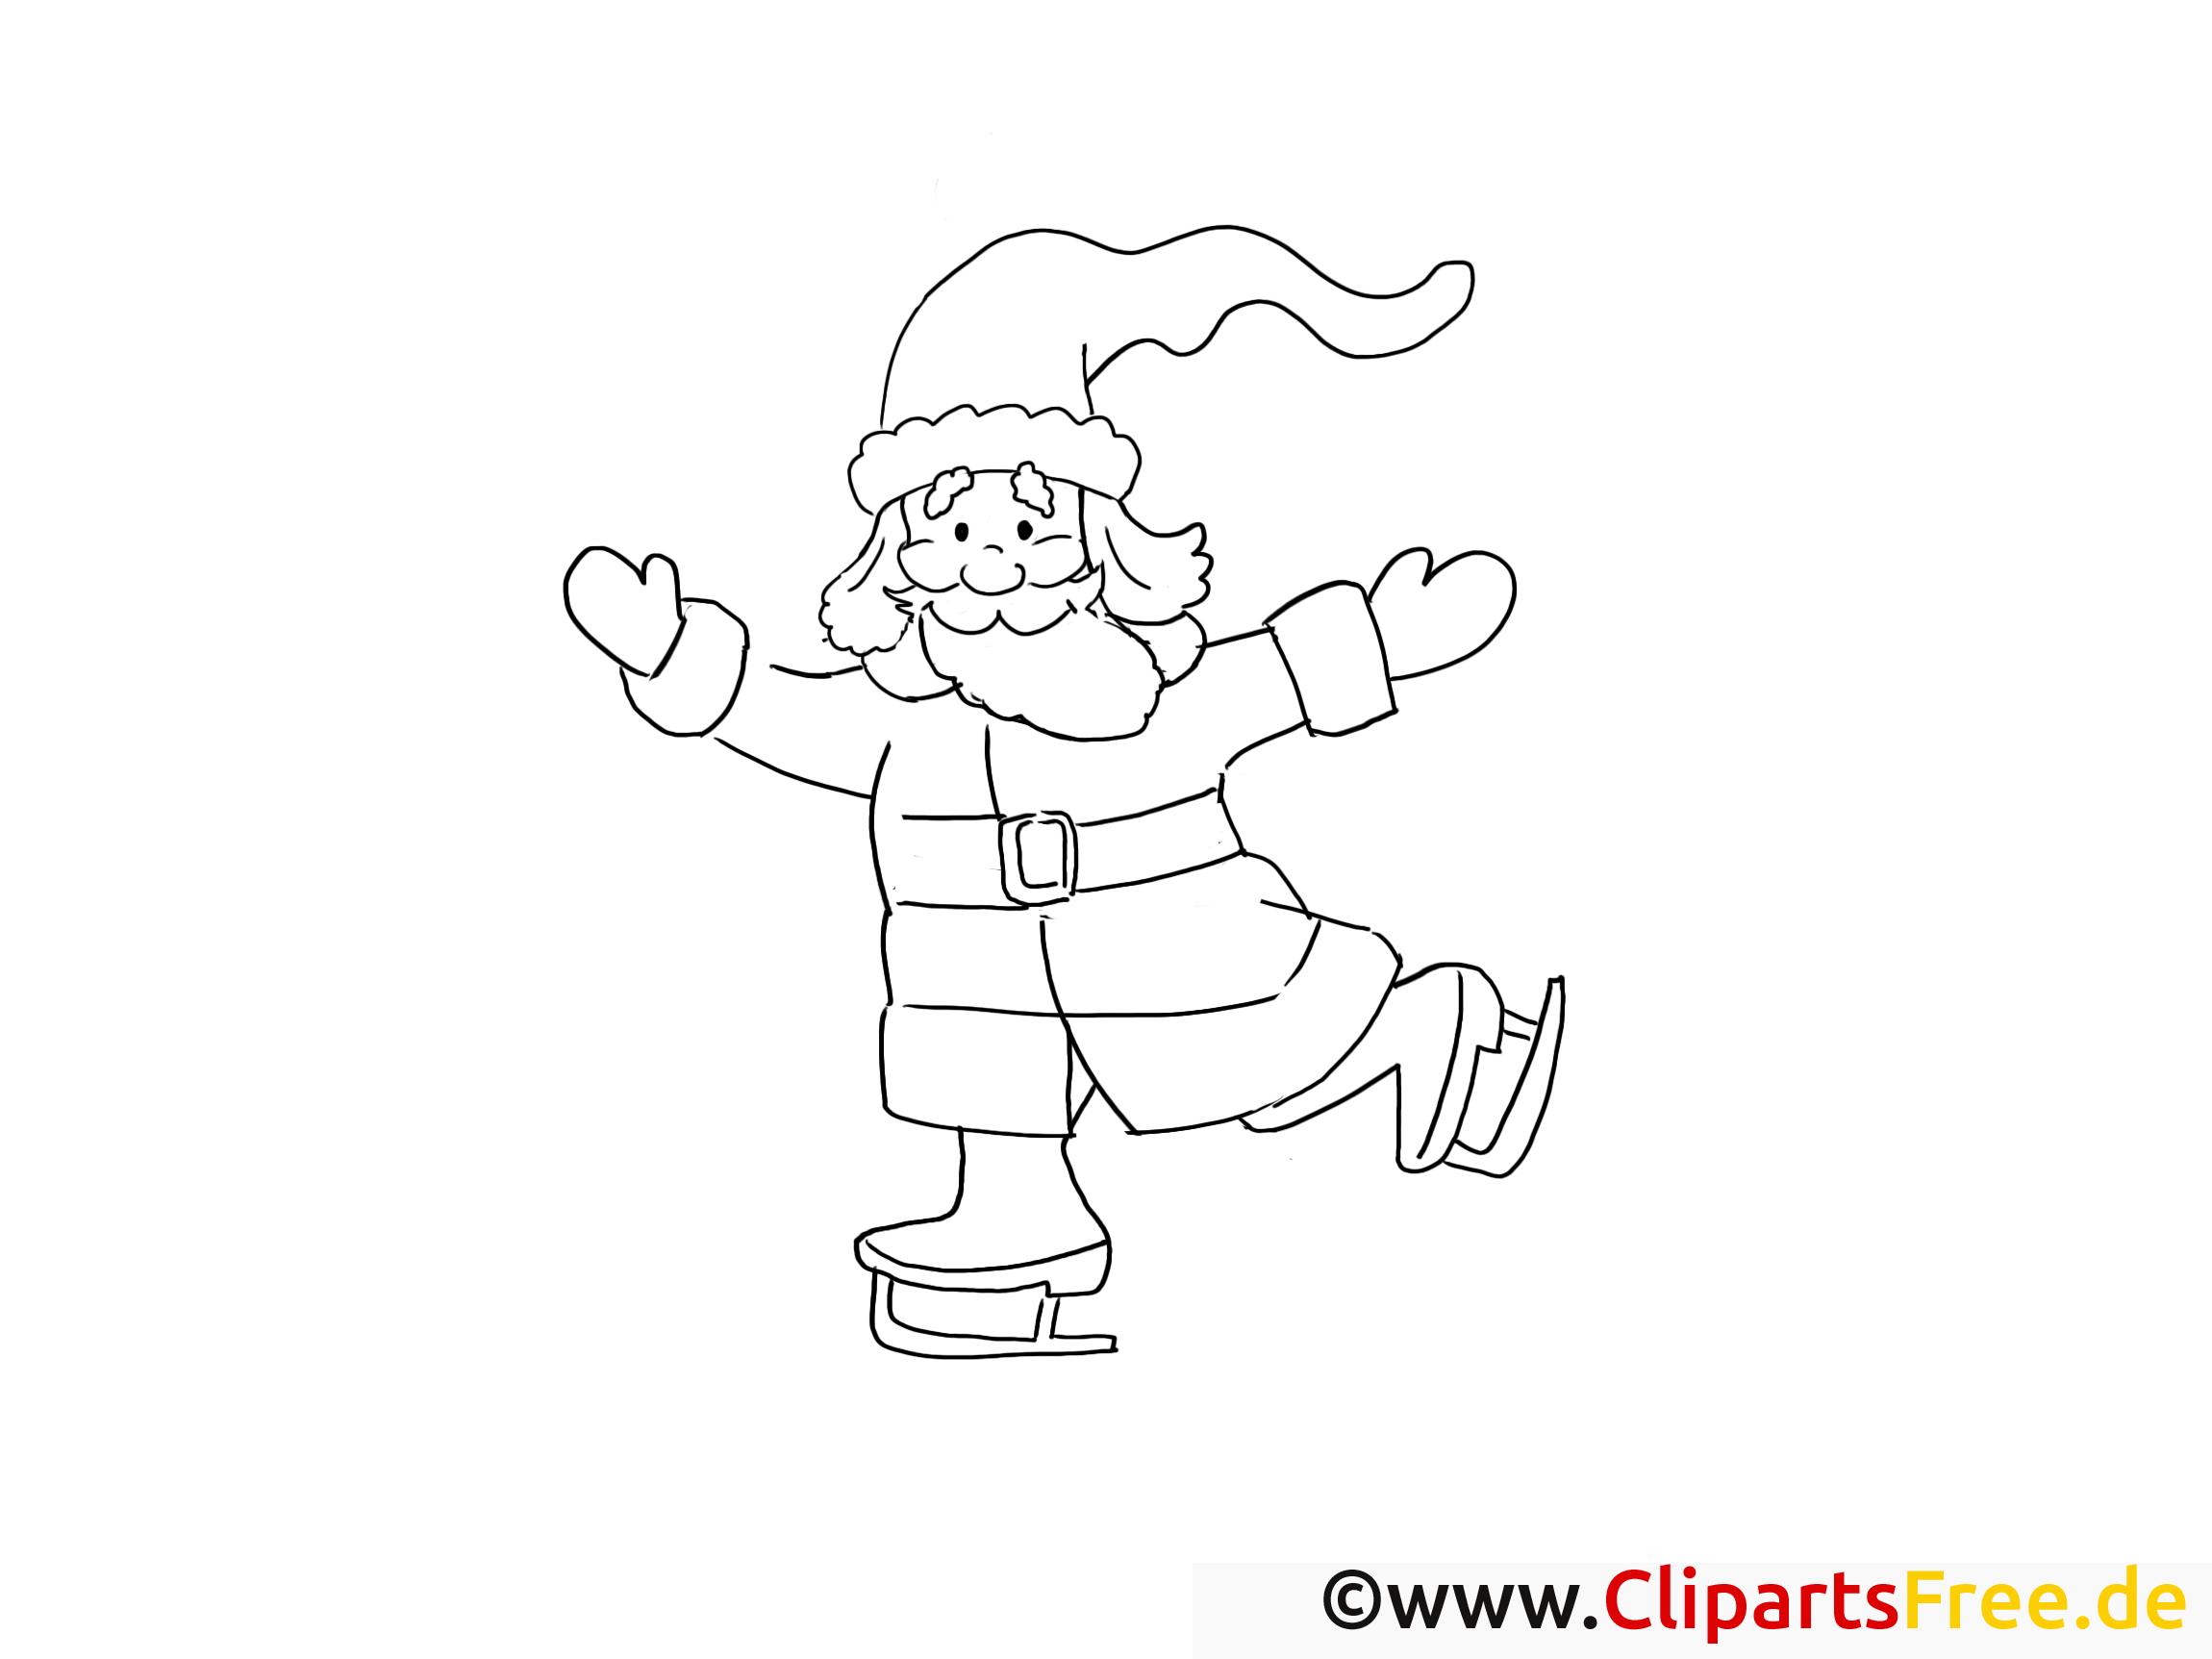 Patins à glace illustration – Avent à colorier